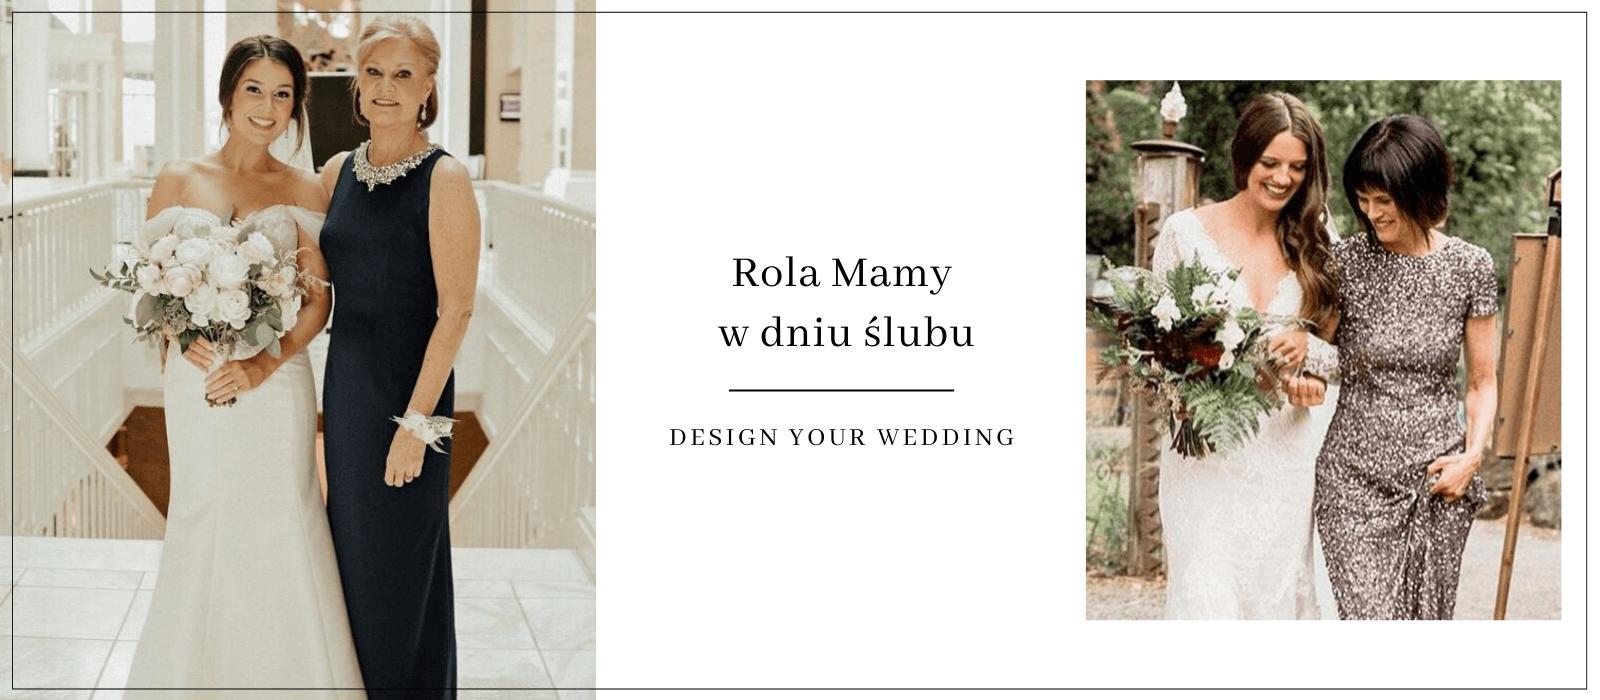 Rola mamy w dniu ślubu Design Your Wedding